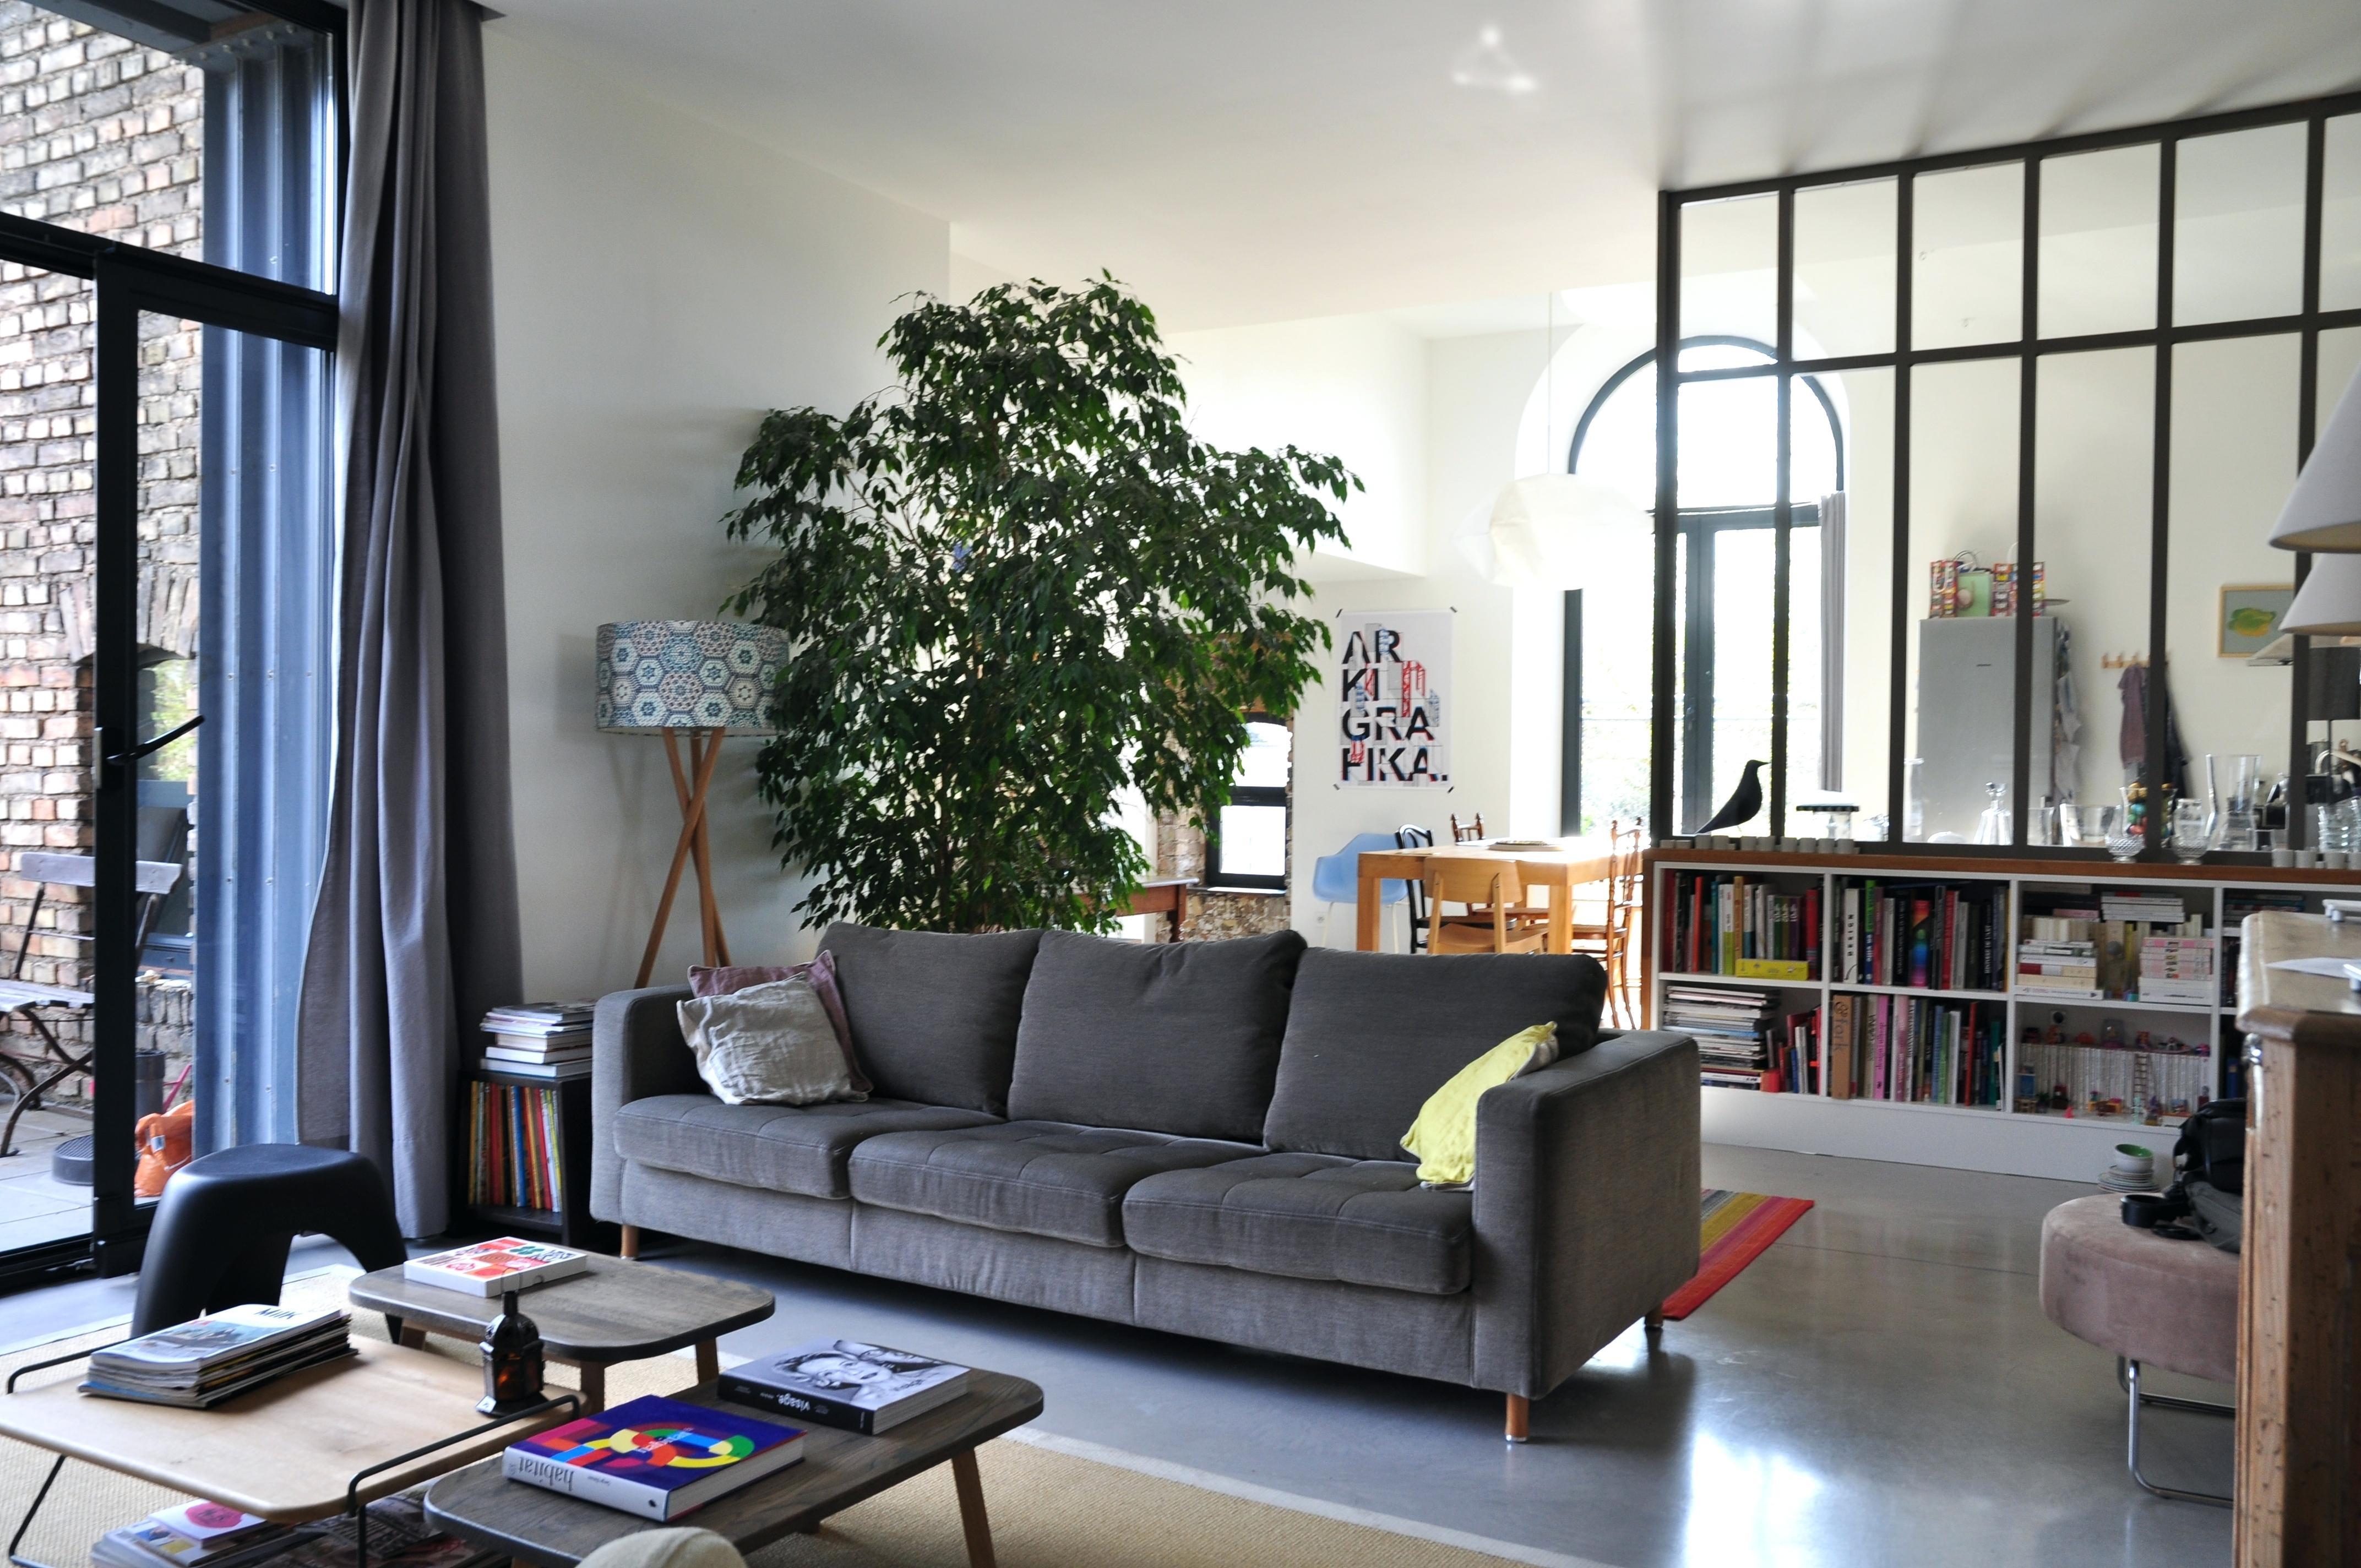 Ikea Ektorp 3 Places Meilleur De Images Ikea Ektorp Housse Beau S 177 Best Le Salon Ikea